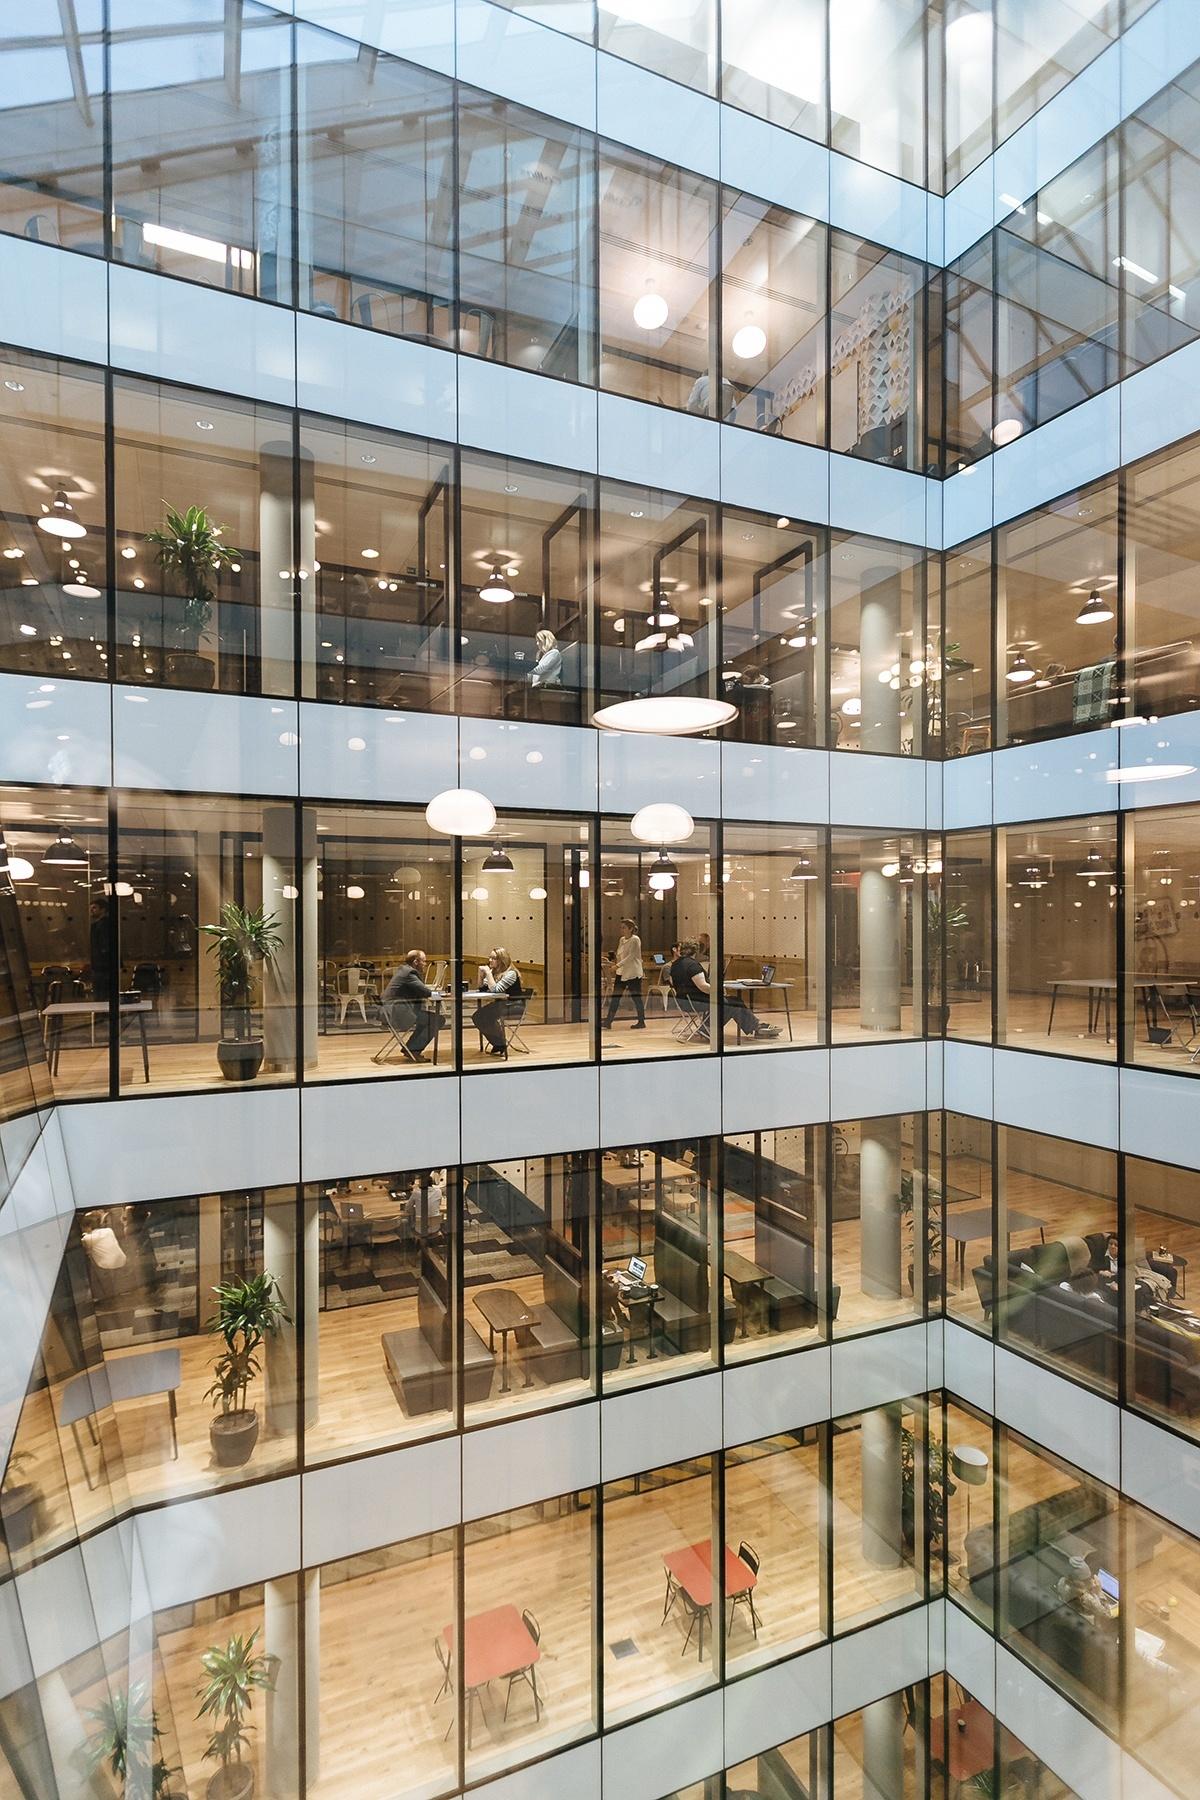 wework-moorgate-12 - A Look Inside WeWork's Moorgate Coworking Space